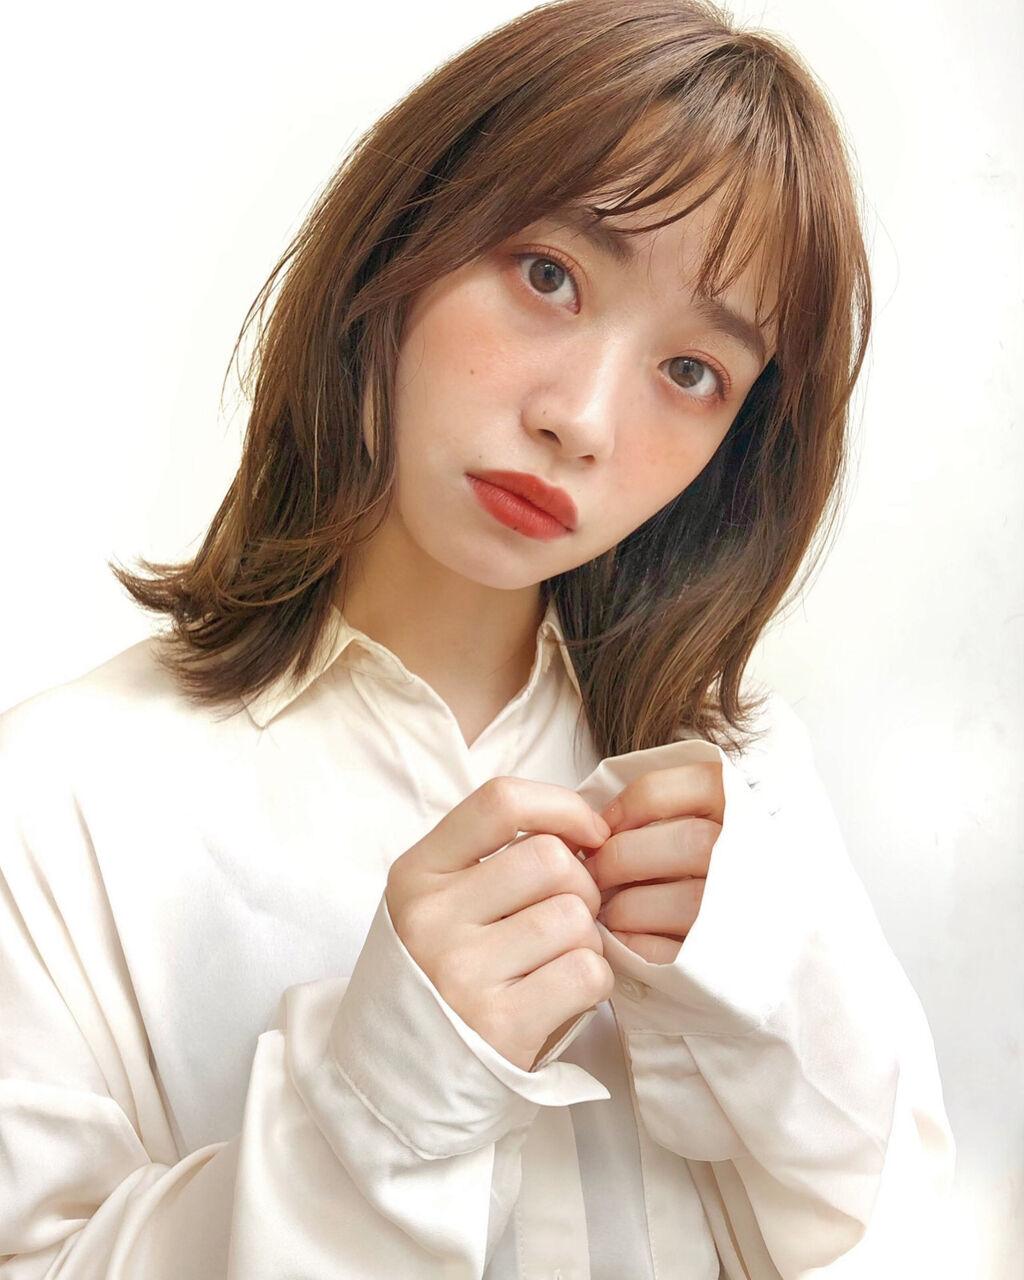 「お値段もかわいい♡プチプラチークで美少女ほっぺをGETしちゃお」の画像(#139394)